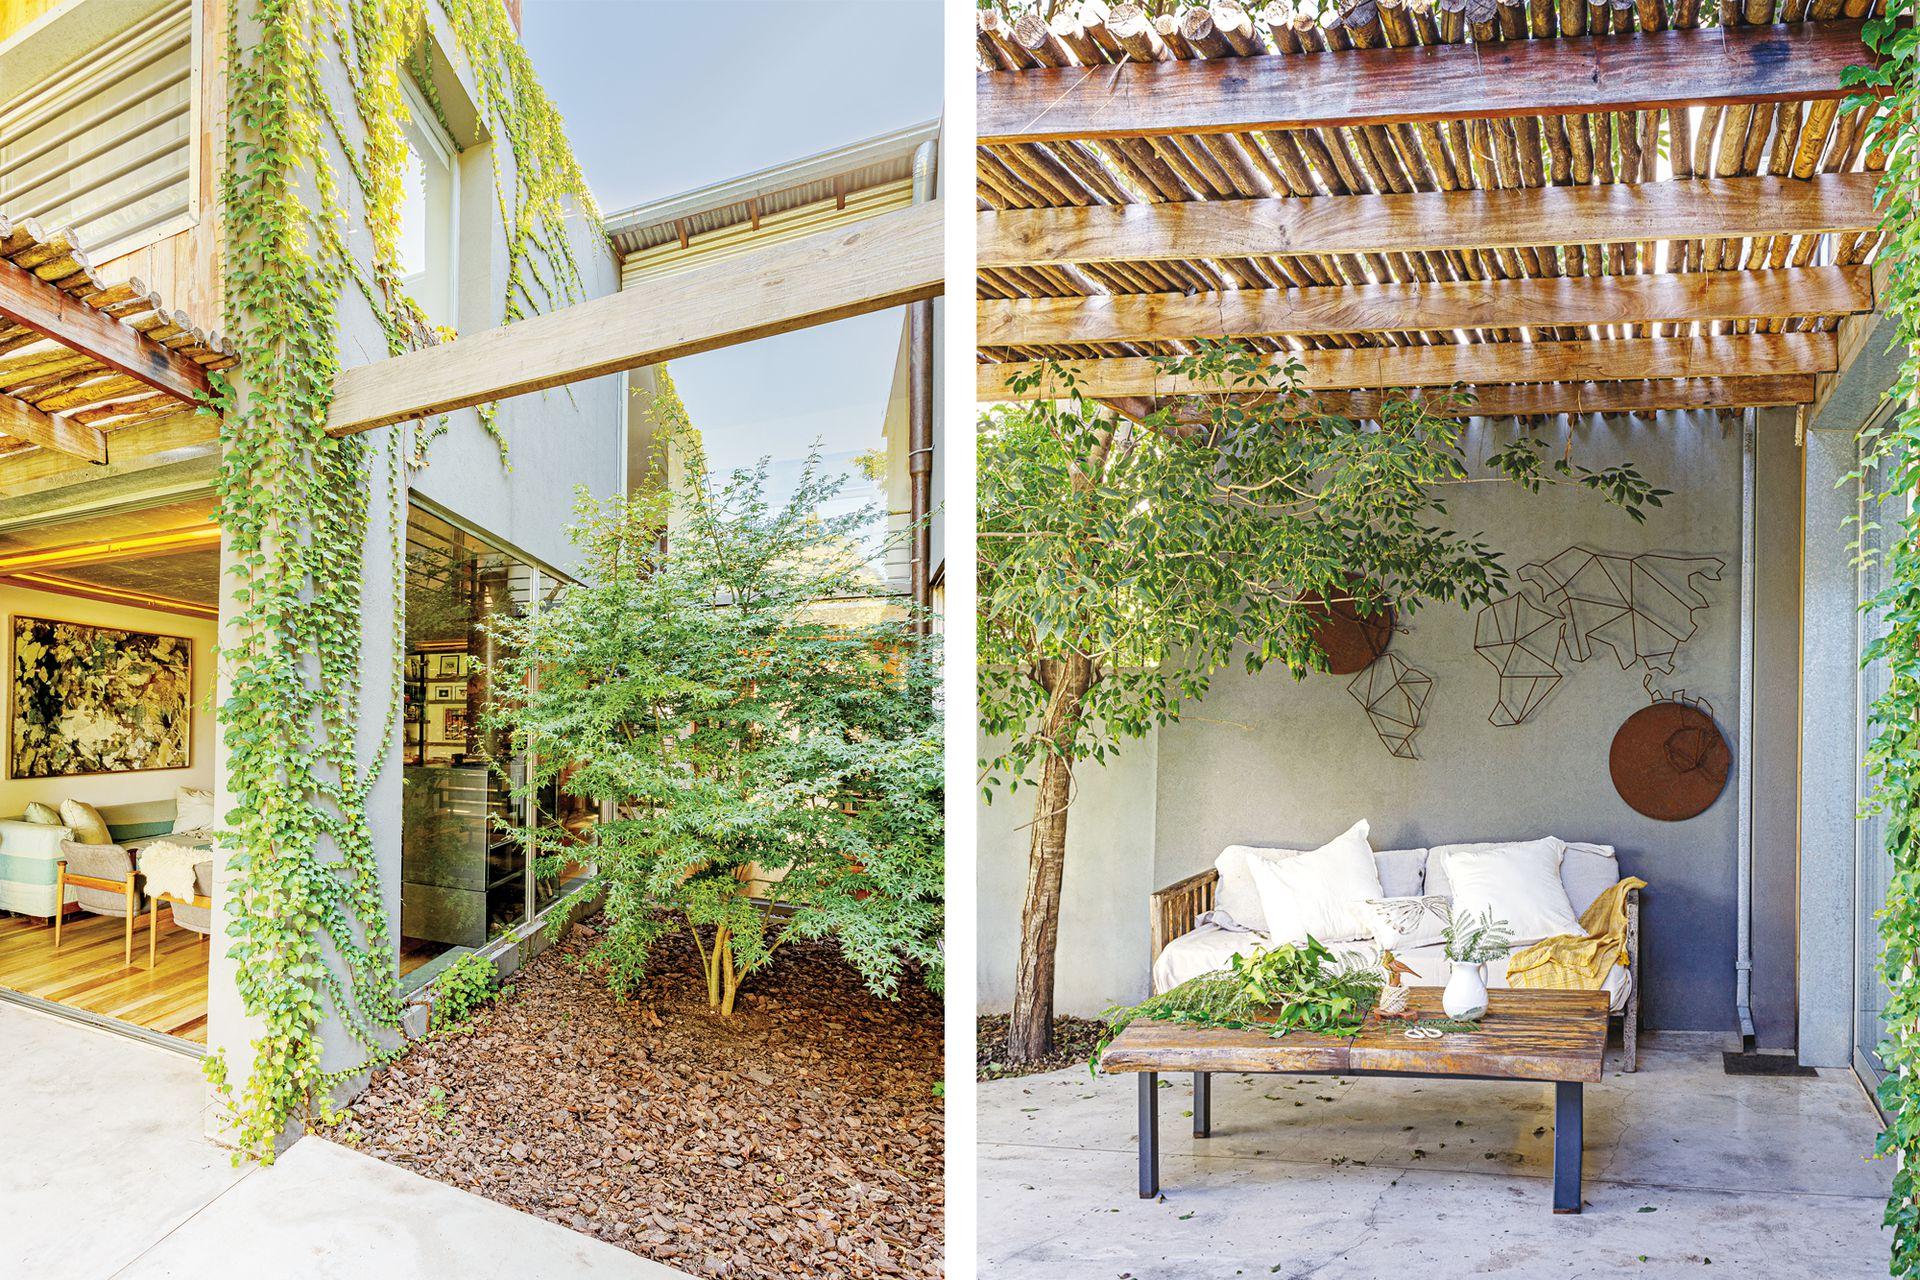 La galería tiene piso de cemento alisado y pulido. Sofá de lapacho, mesa de tronco de cedro y mapamundi de hierro (todo de Javier Zaldívar). Manta y almohadones (Mimi Home Love).